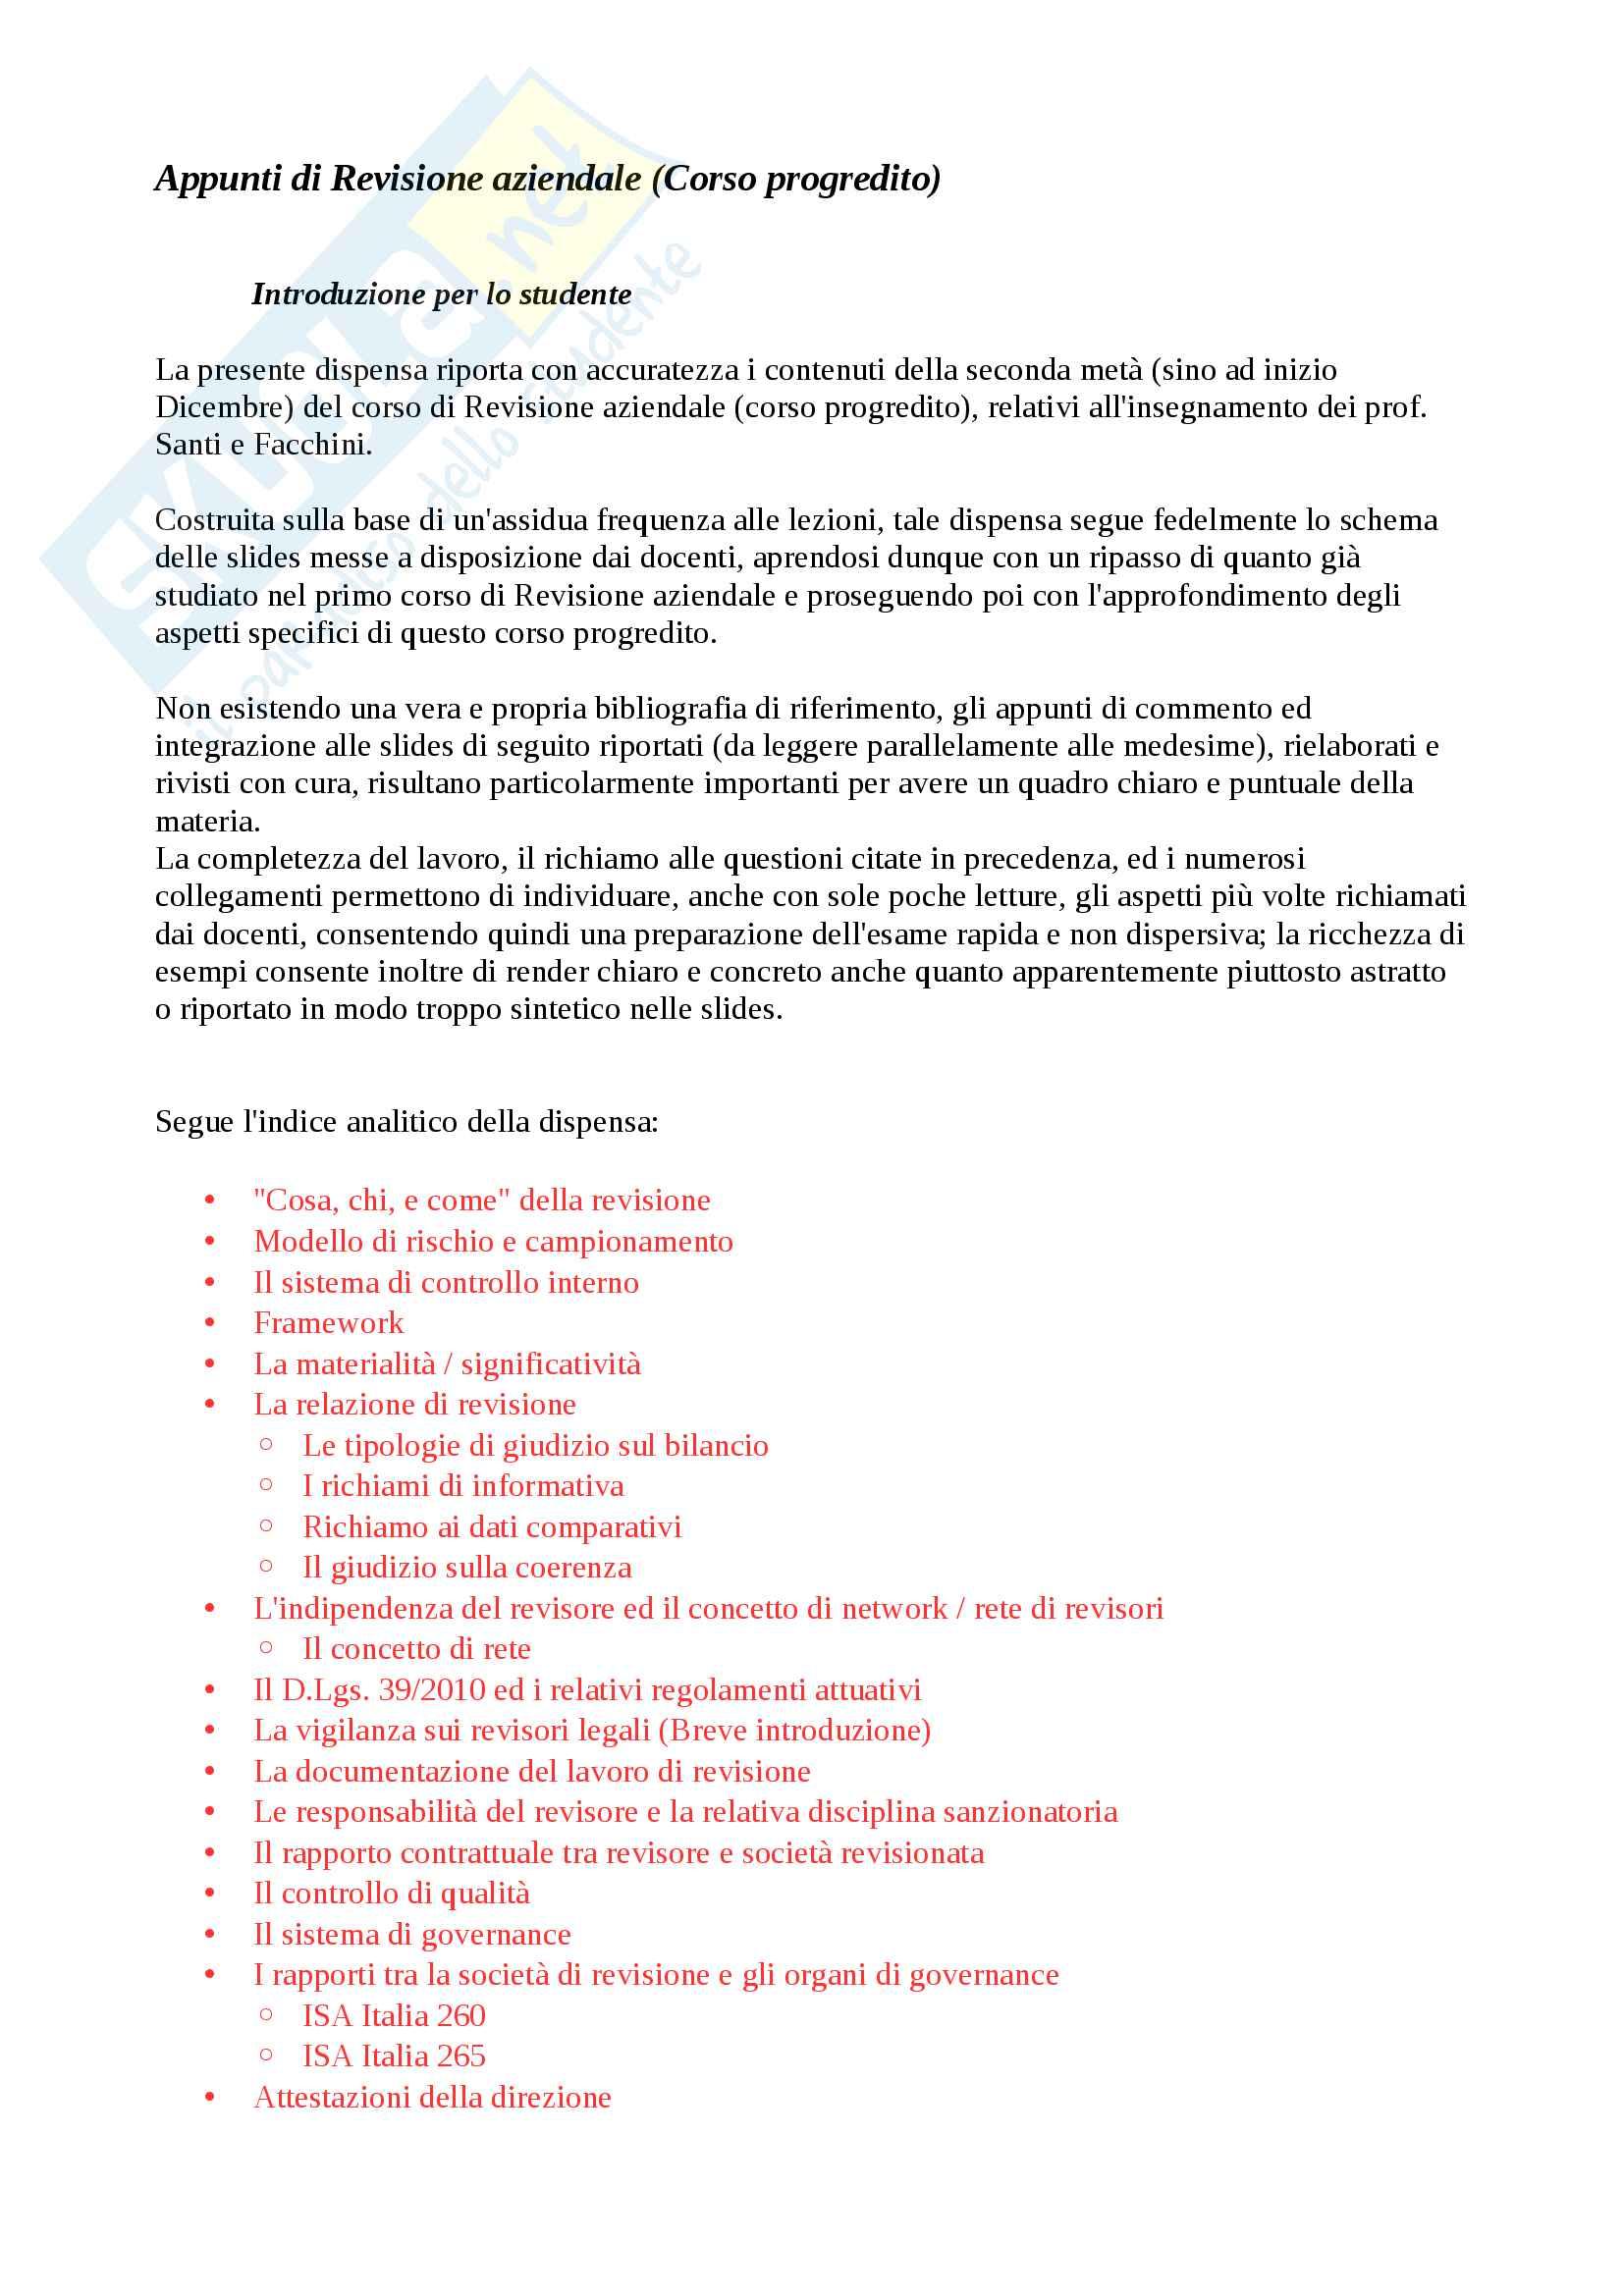 Appunti di Revisione Aziendale (Progredito), Parte 2 di 3